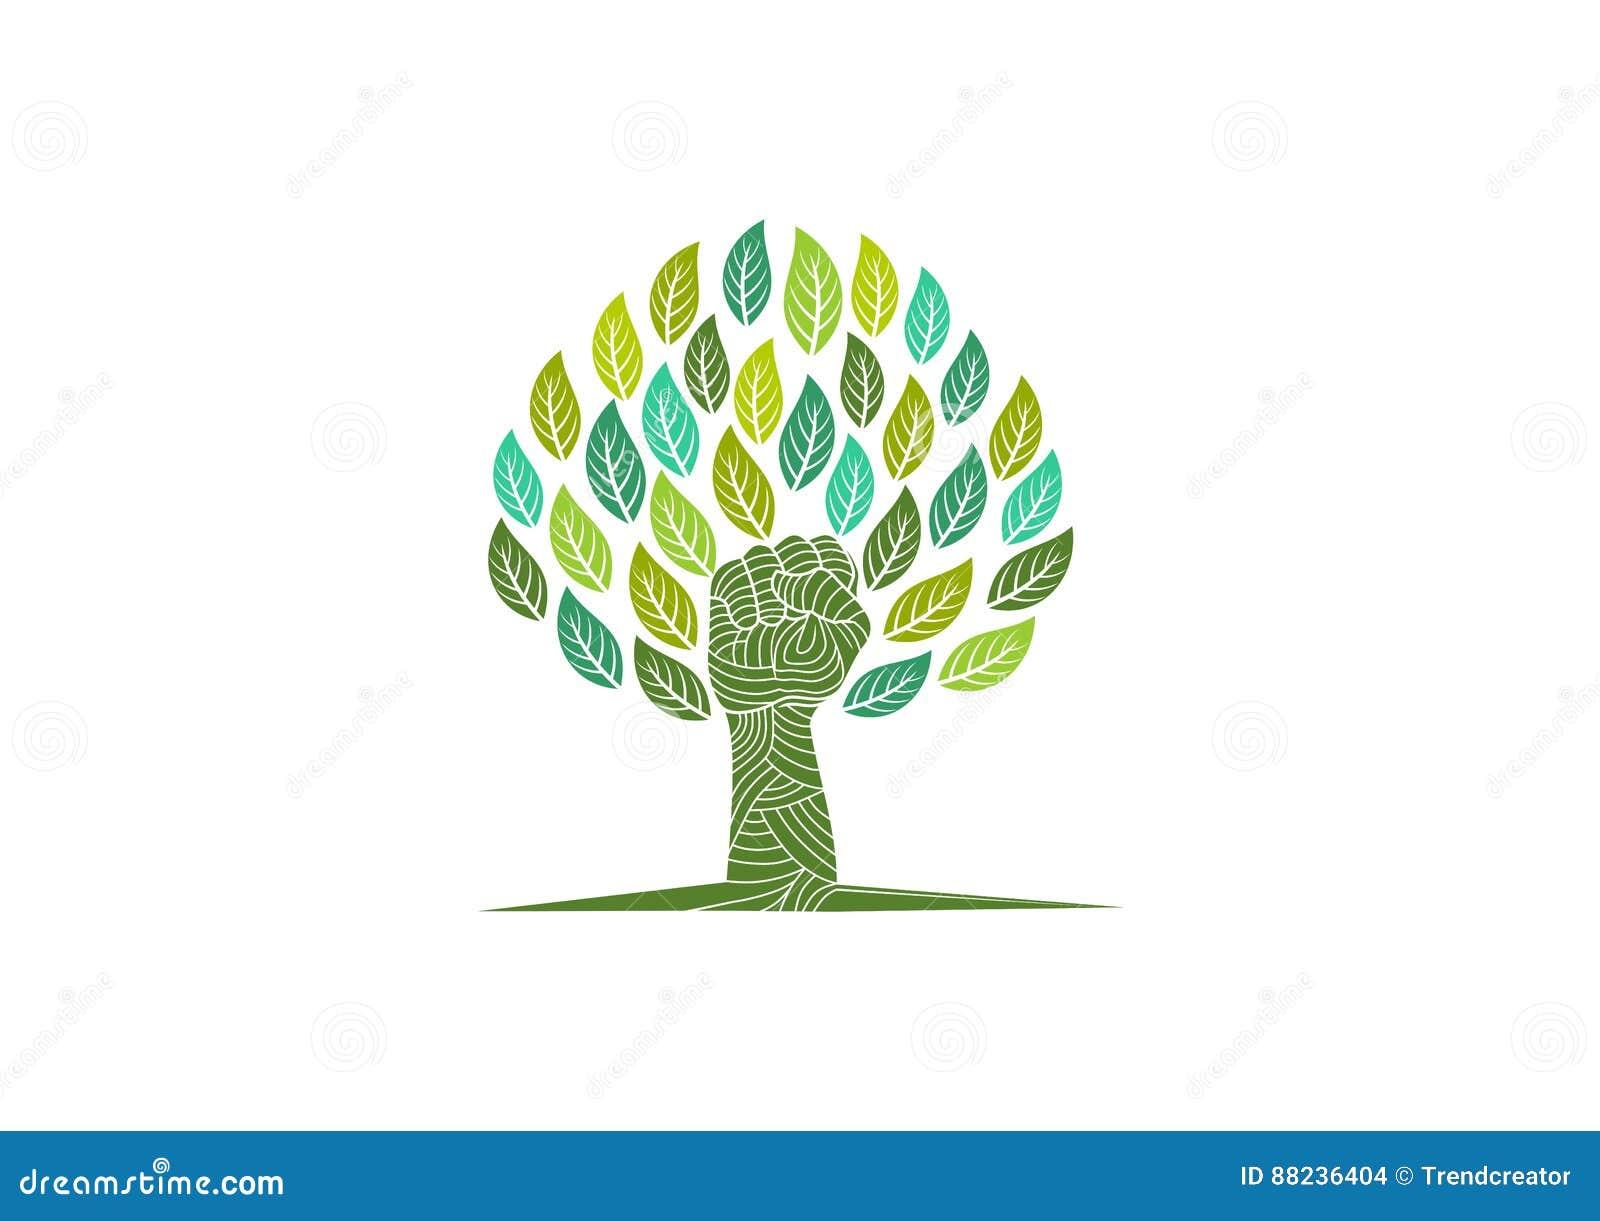 Λογότυπο προσοχής δέντρων, σύμβολο φύσης επαναστάσεων, οργανικό σημάδι εξέγερσης, πράσινη εκπαίδευση και υγιές σχέδιο έννοιας παι